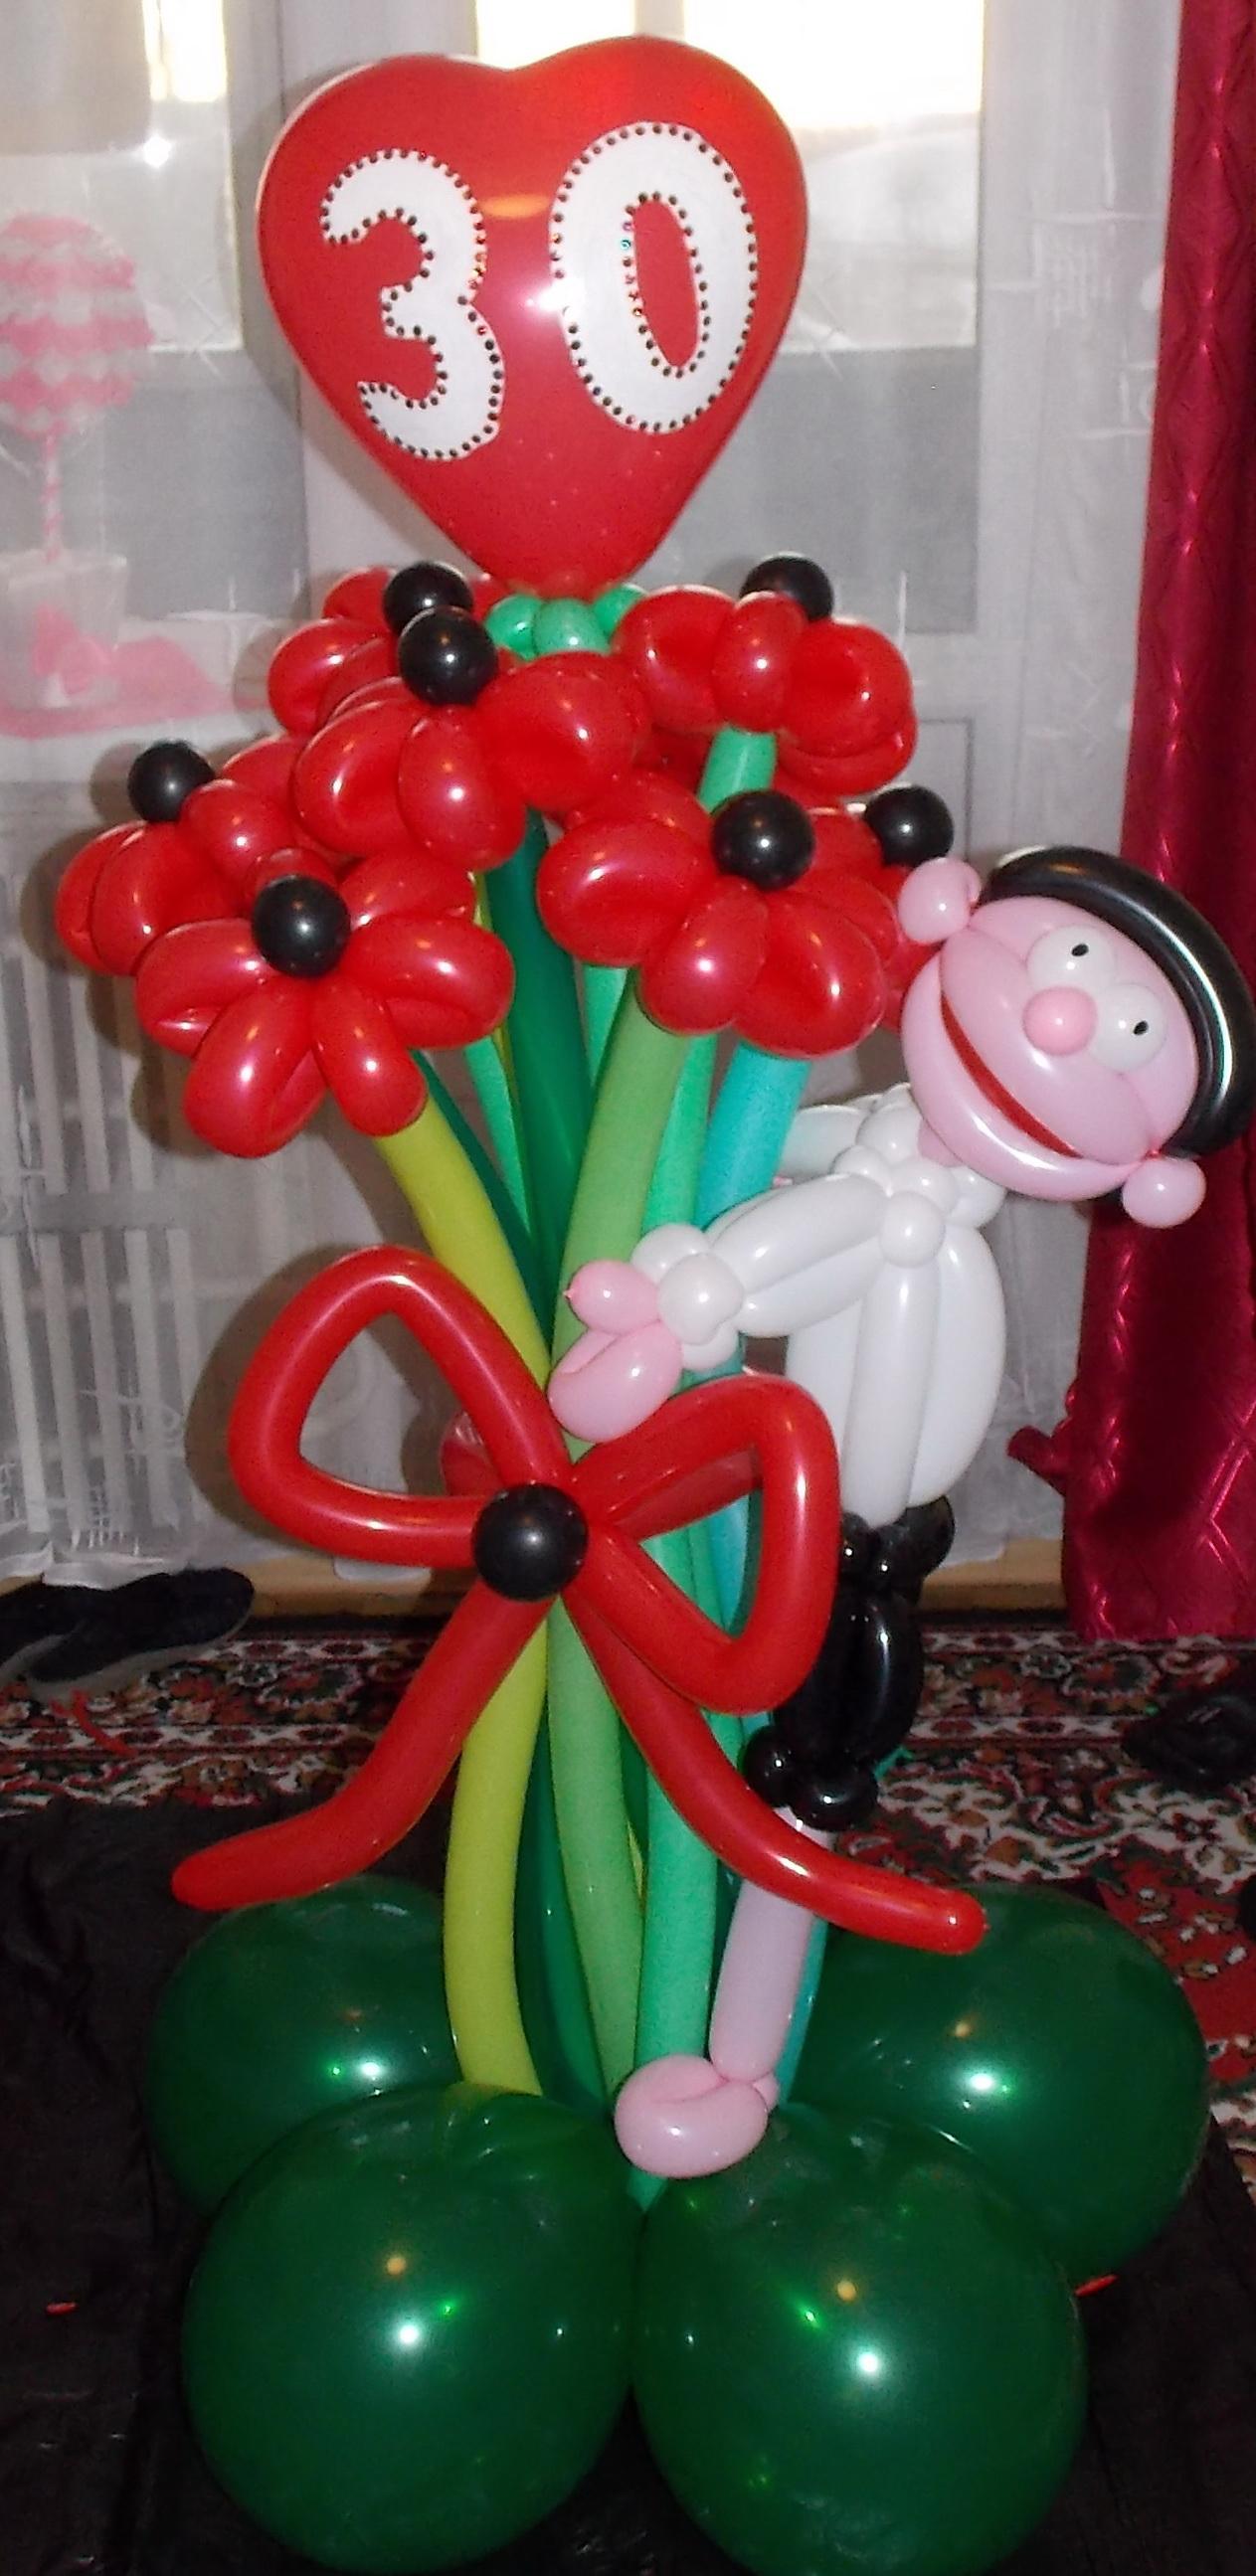 Подарки из воздушных шаров к дню рождения своими руками 48